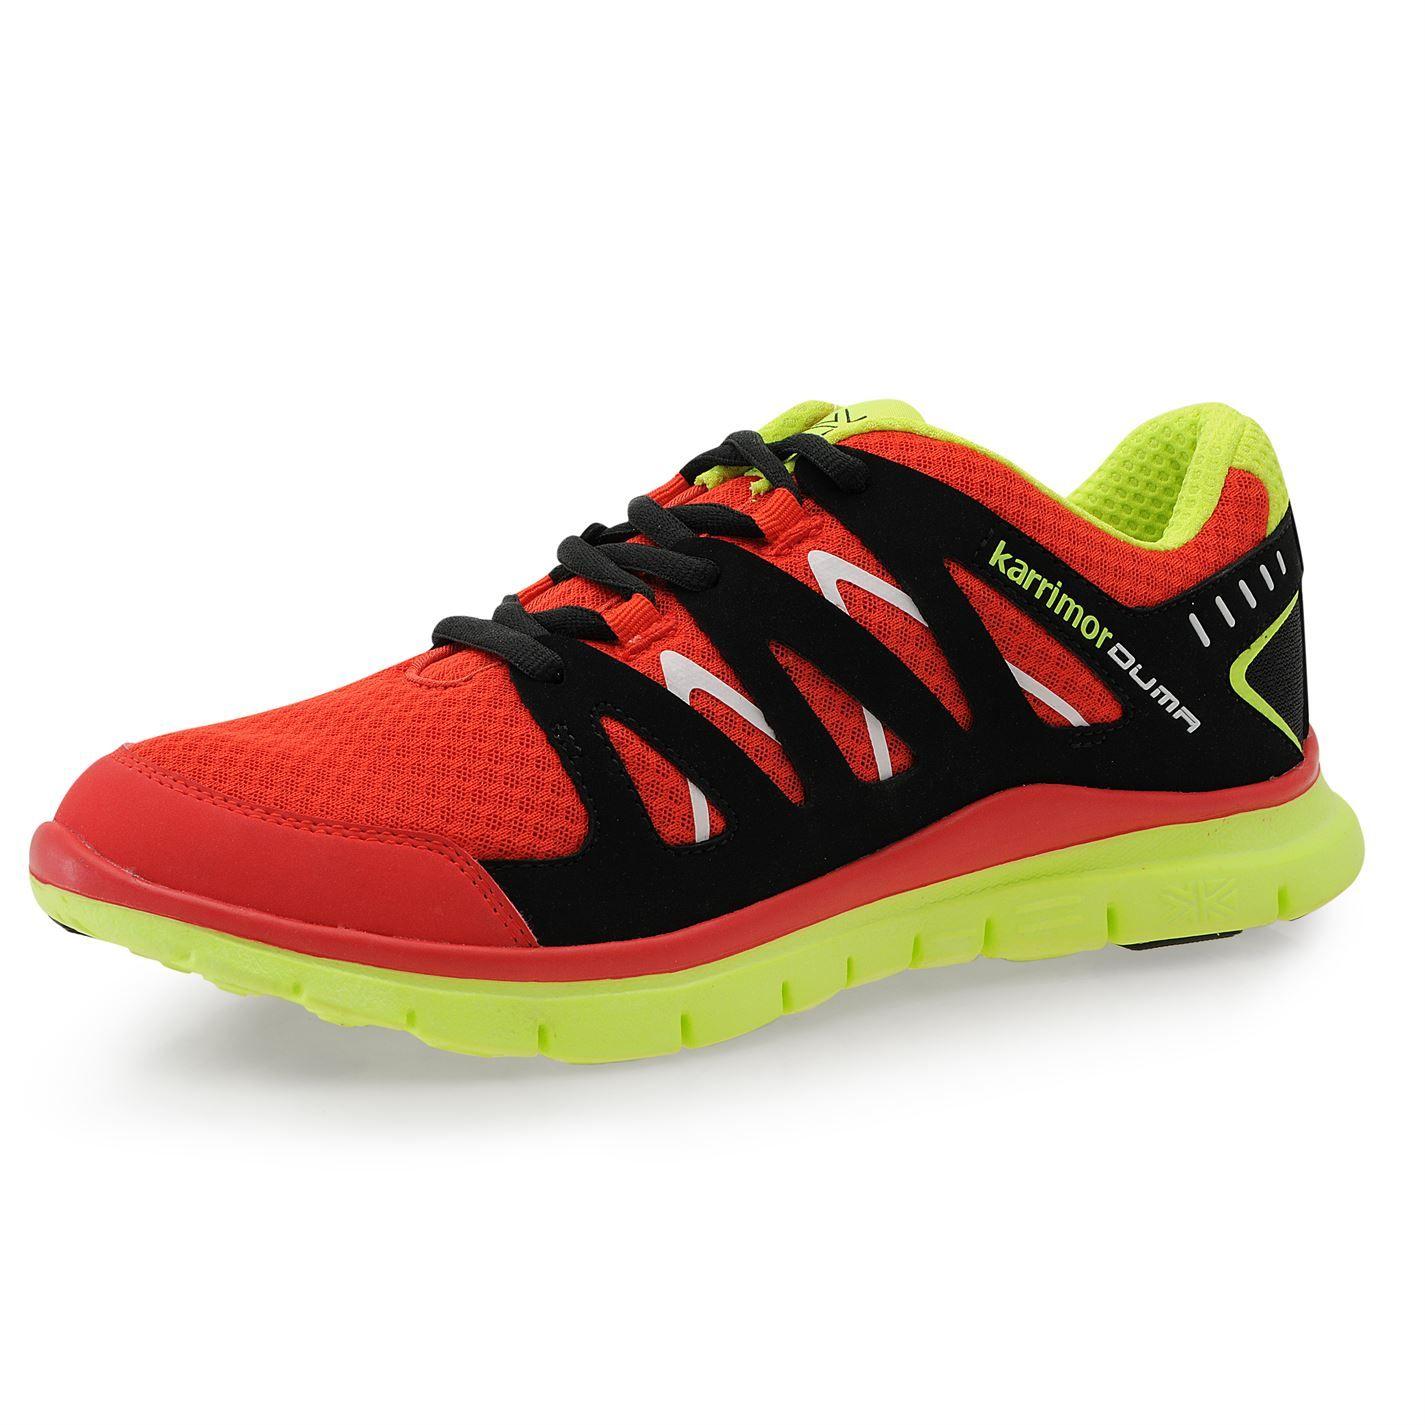 Mens Karrimor Duma Running Shoes Runners Breathable New